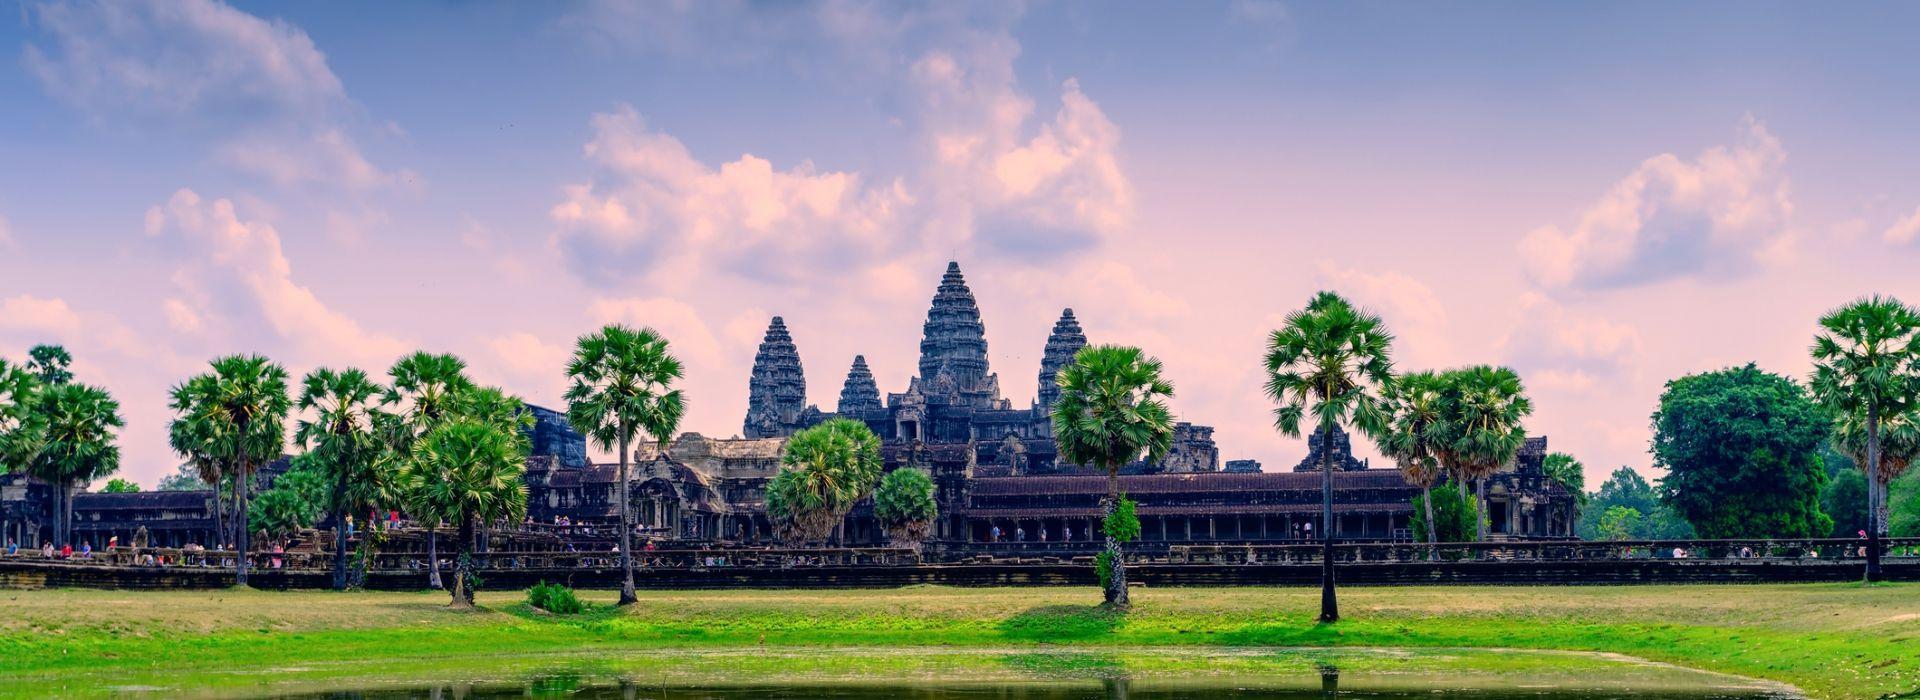 Natural landmarks sightseeing Tours in Siem Reap